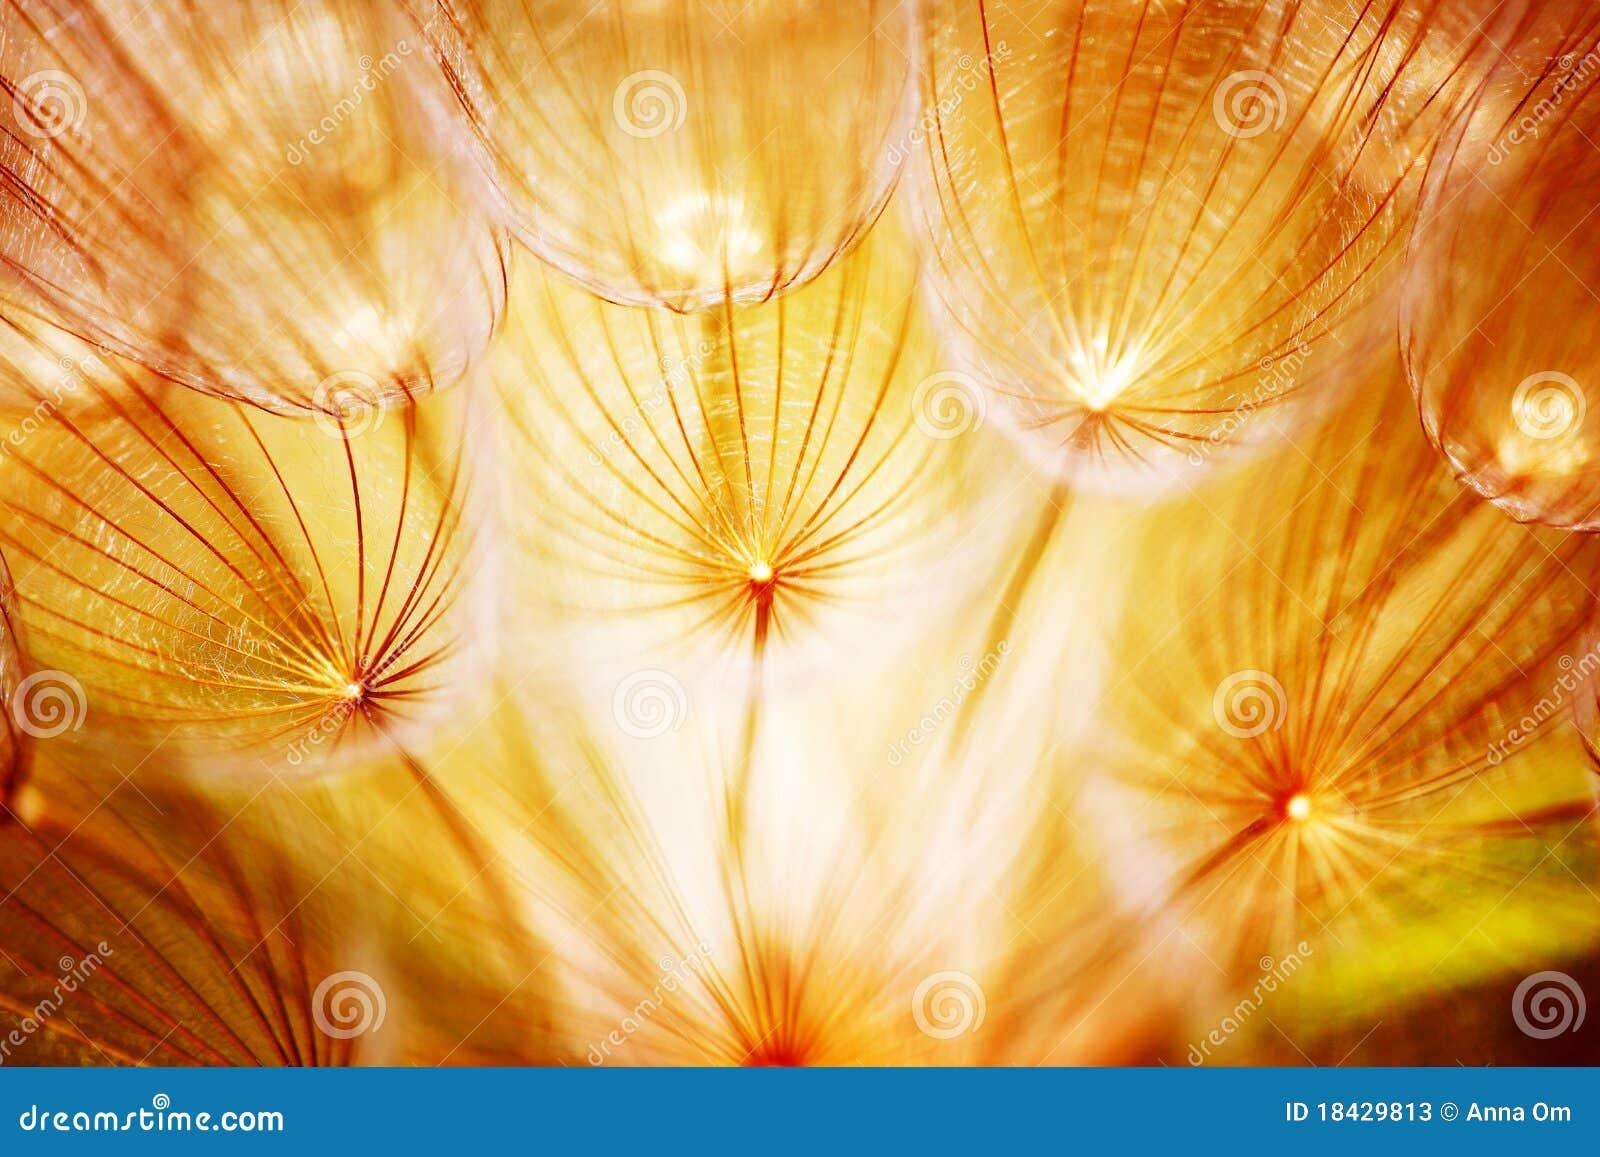 Flor macia do dente-de-leão